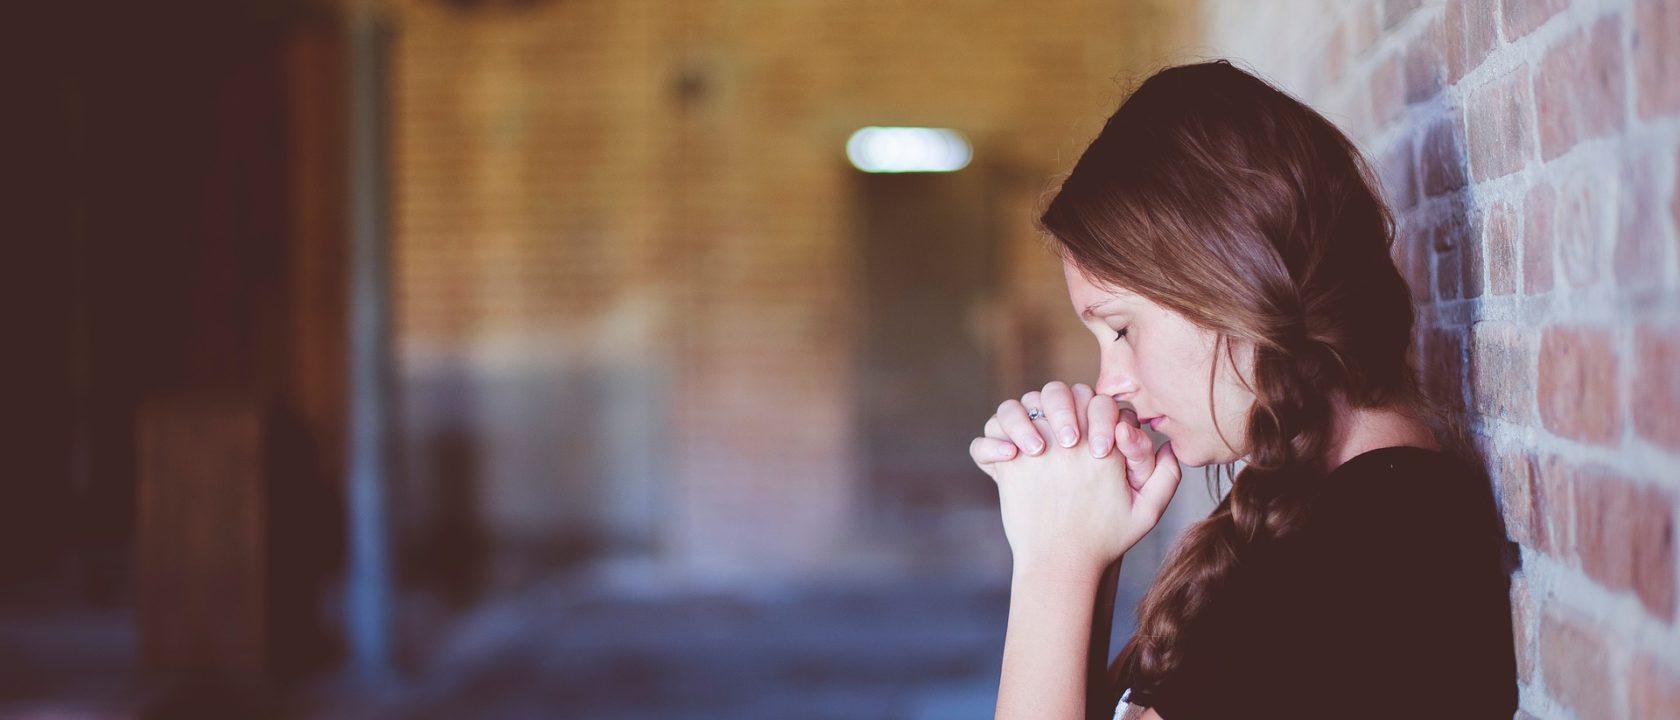 Dua eden kadın.